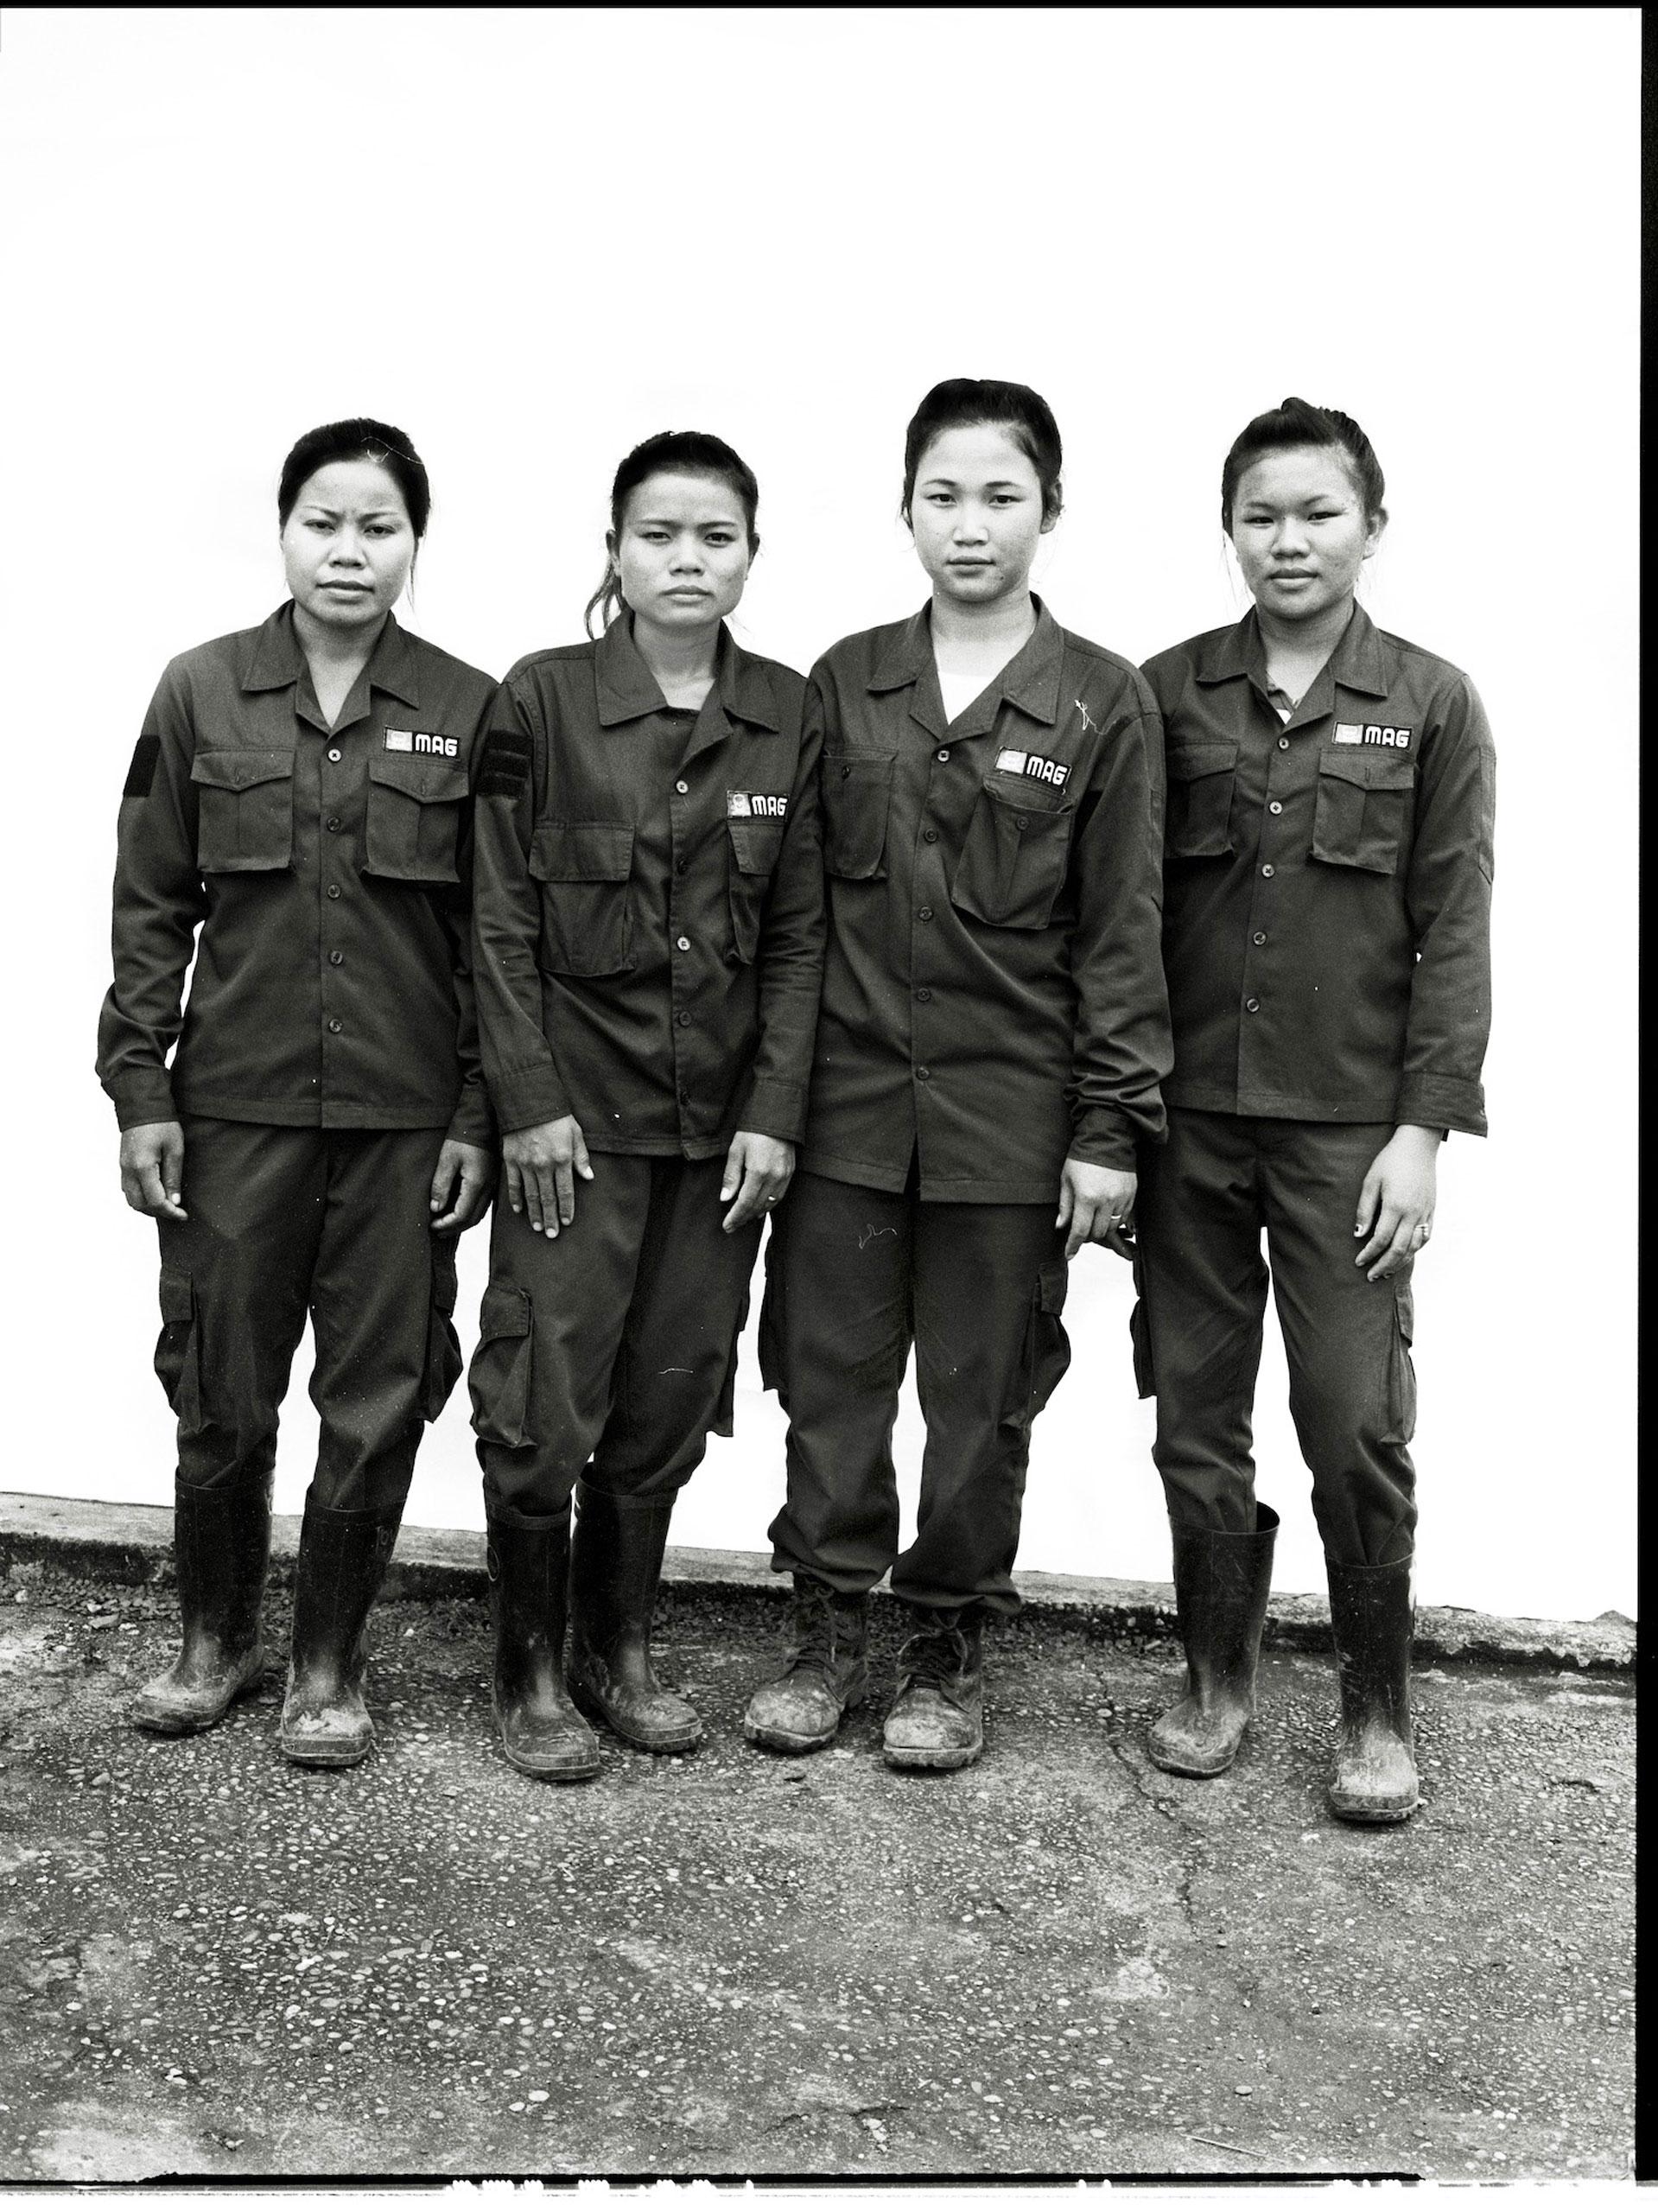 Laos 2014 A female MAG de-mining team.